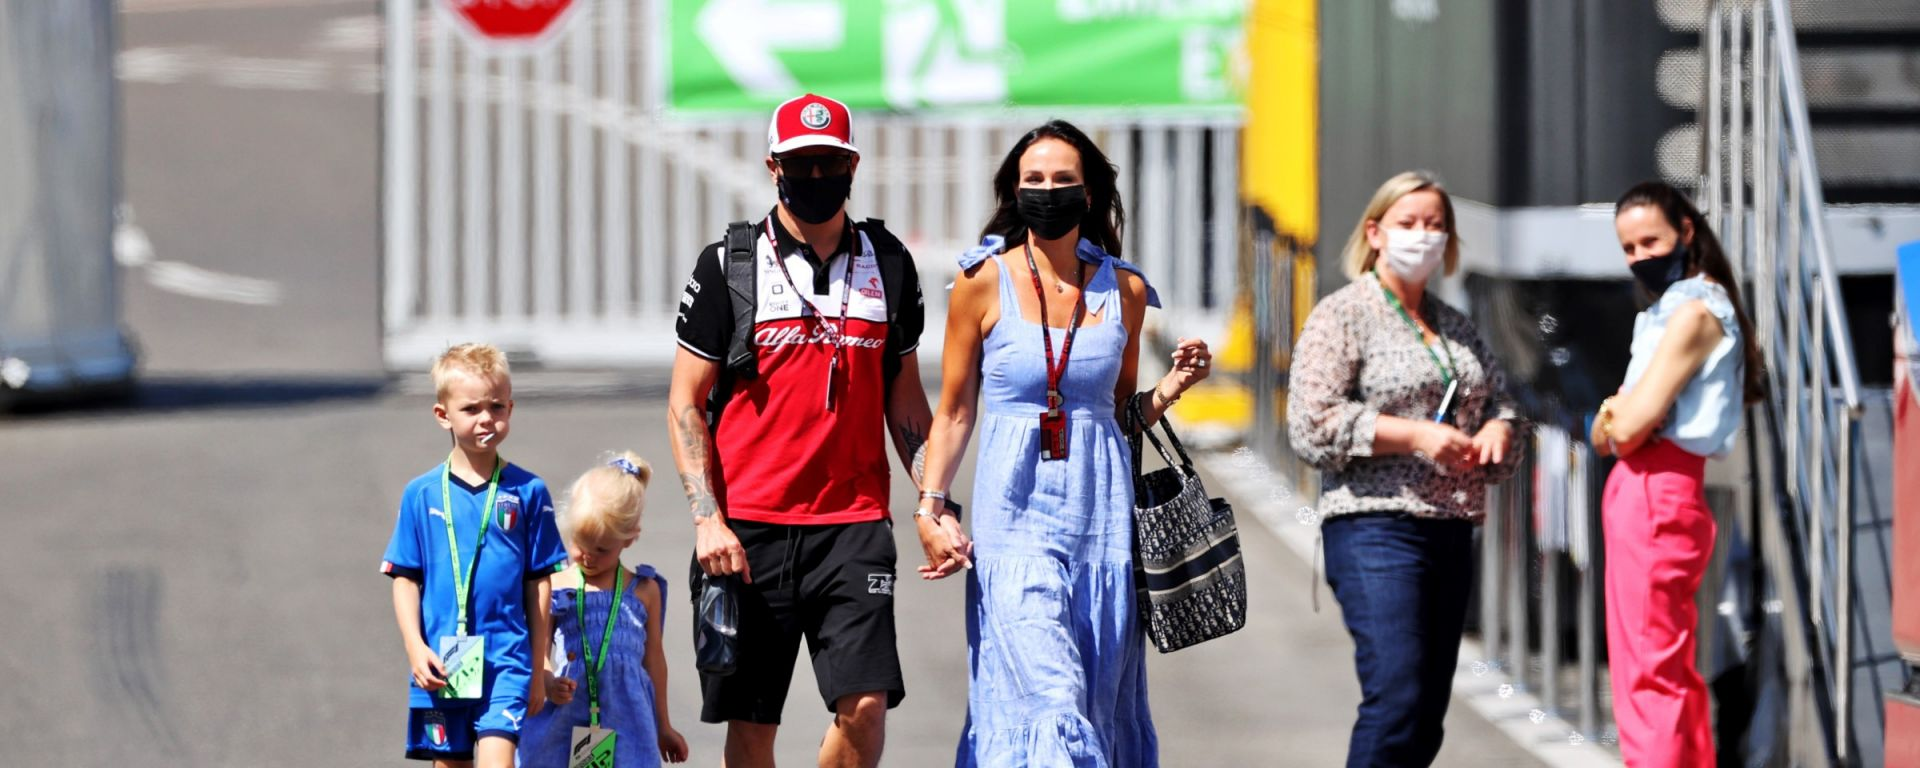 F1, GP Austria 2021: Kimi Raikkonen con la sua famiglia